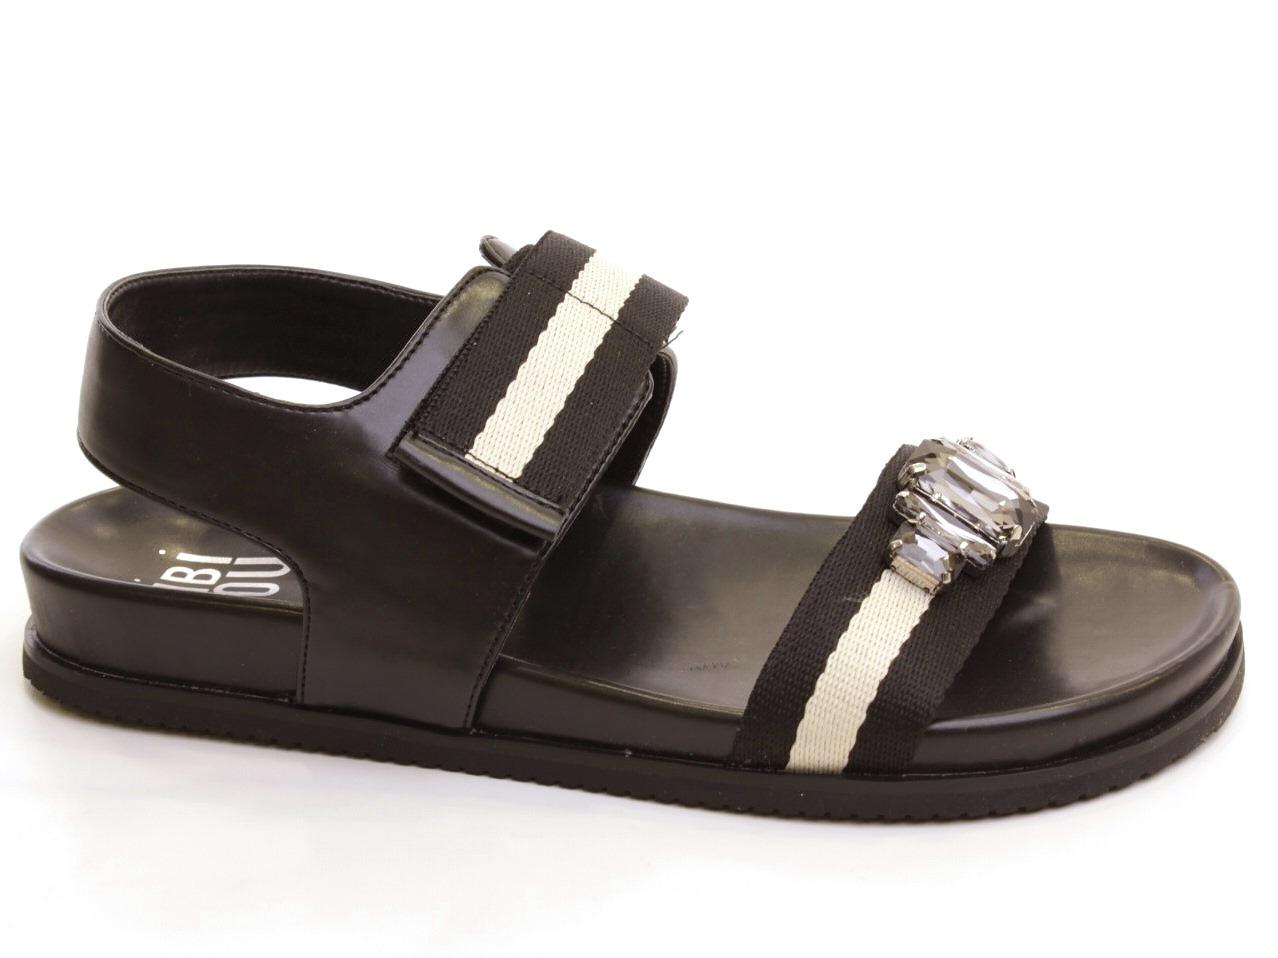 Sandales Plates Bibi Lou - 622 964Z57MS